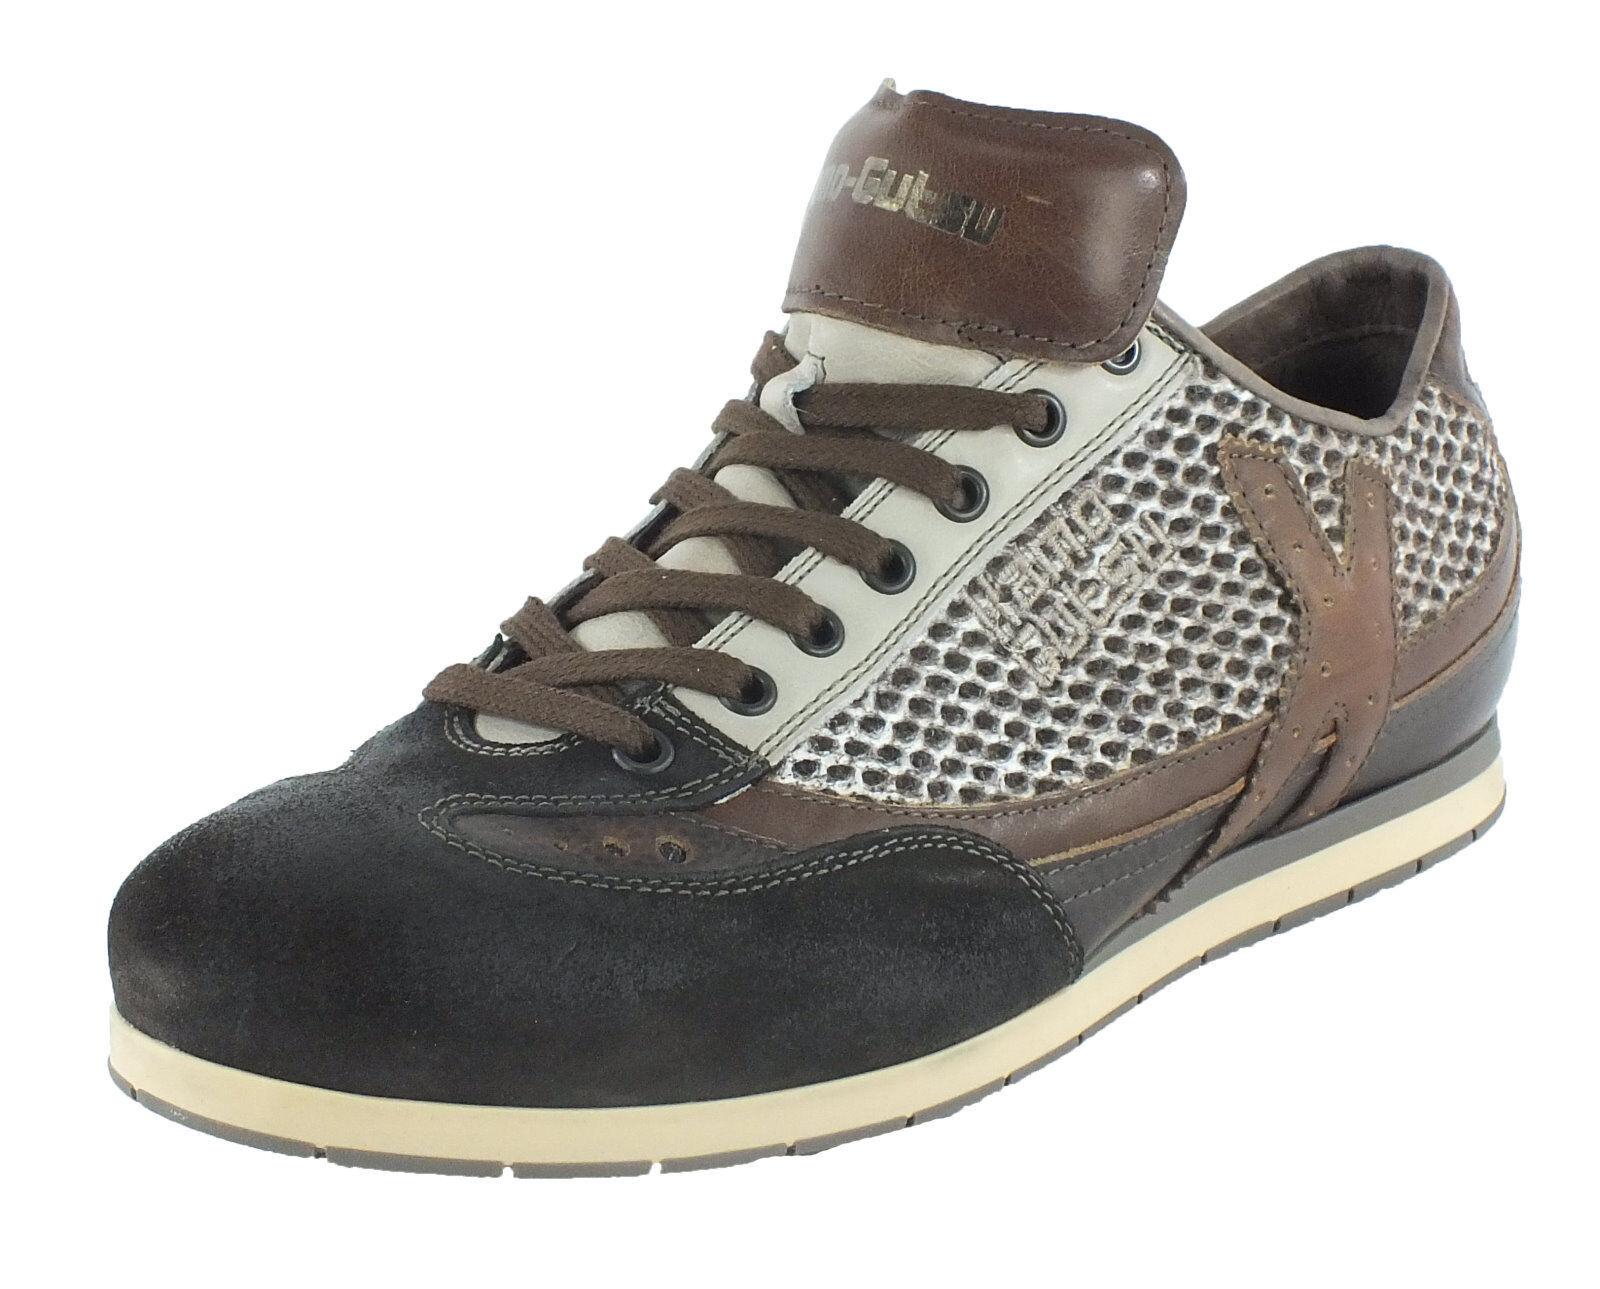 Kamo-Gutsu Men's Leather Lace up shoes Low shoes Lace up 10204